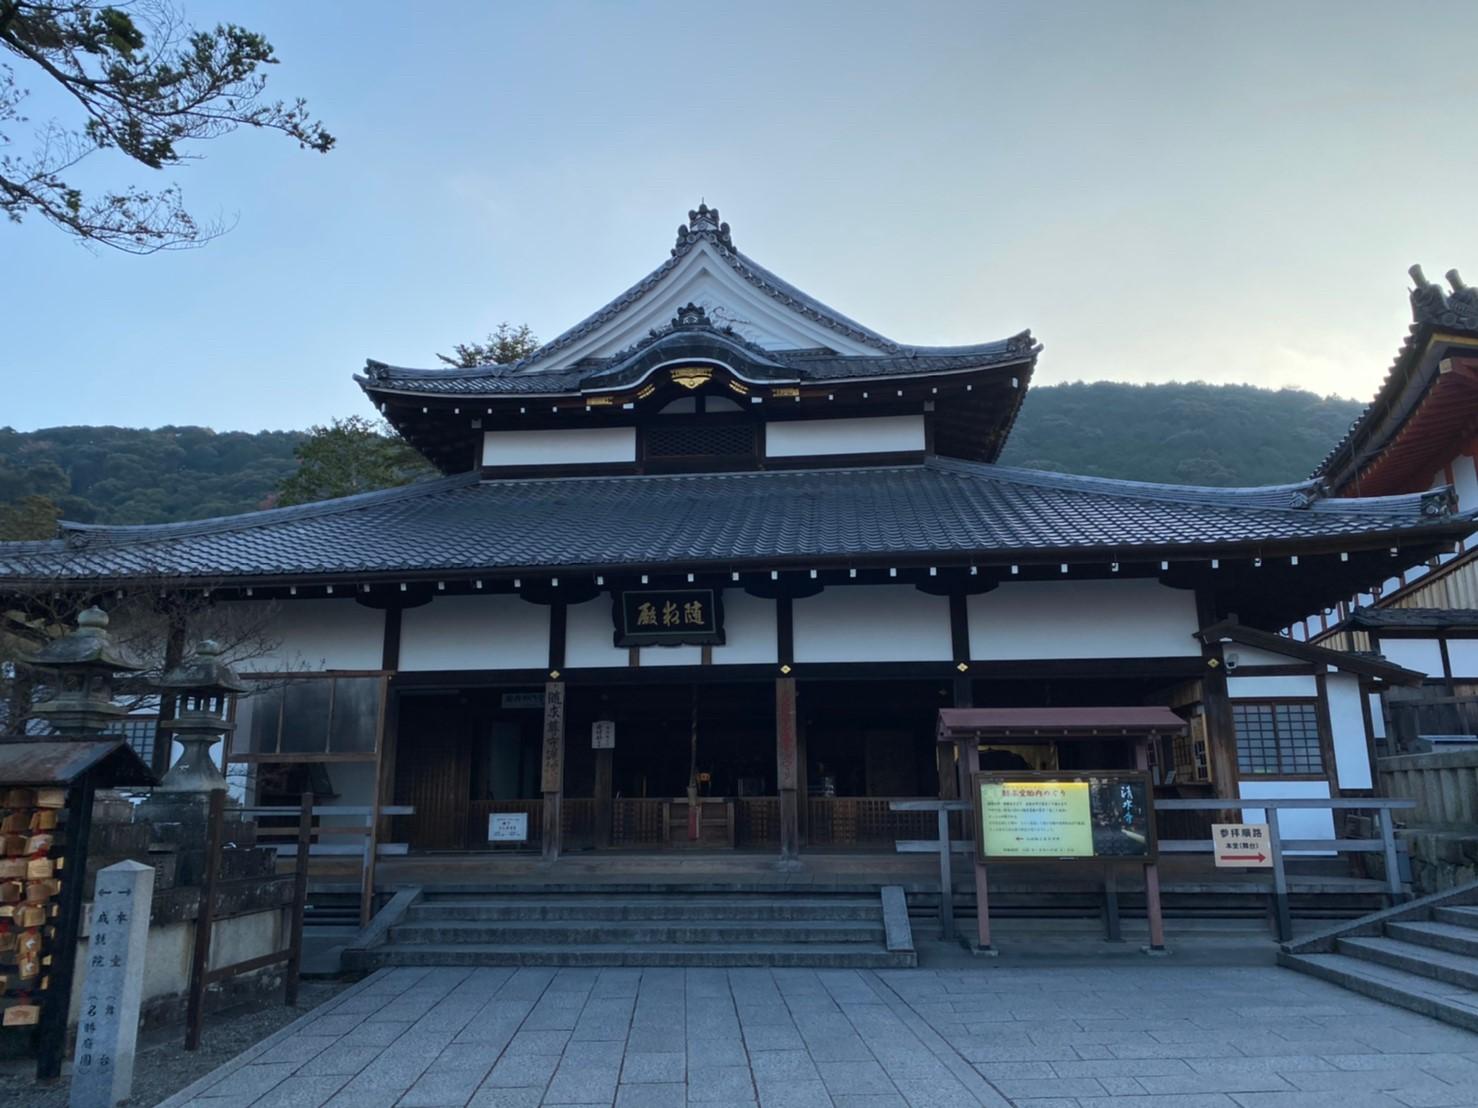 『清水寺』を120%楽しむ観光ガイド(写真スポット・アクセス・スタンプ・駐車場)を徹底紹介